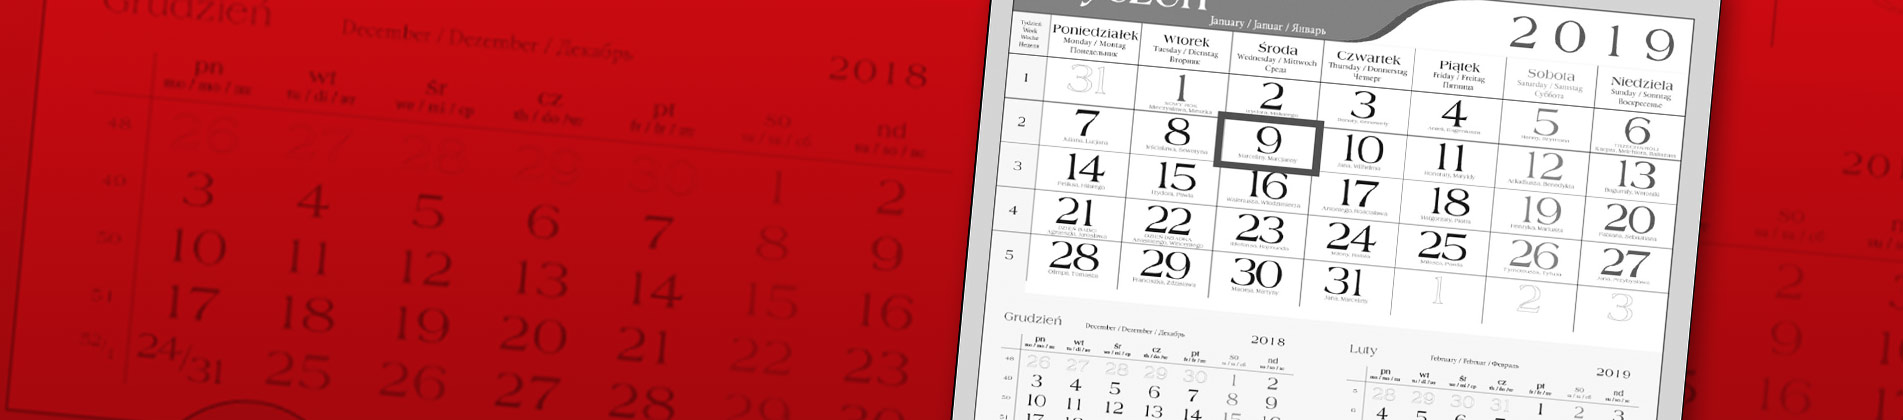 Indywidualne kalendarze jednodzielne